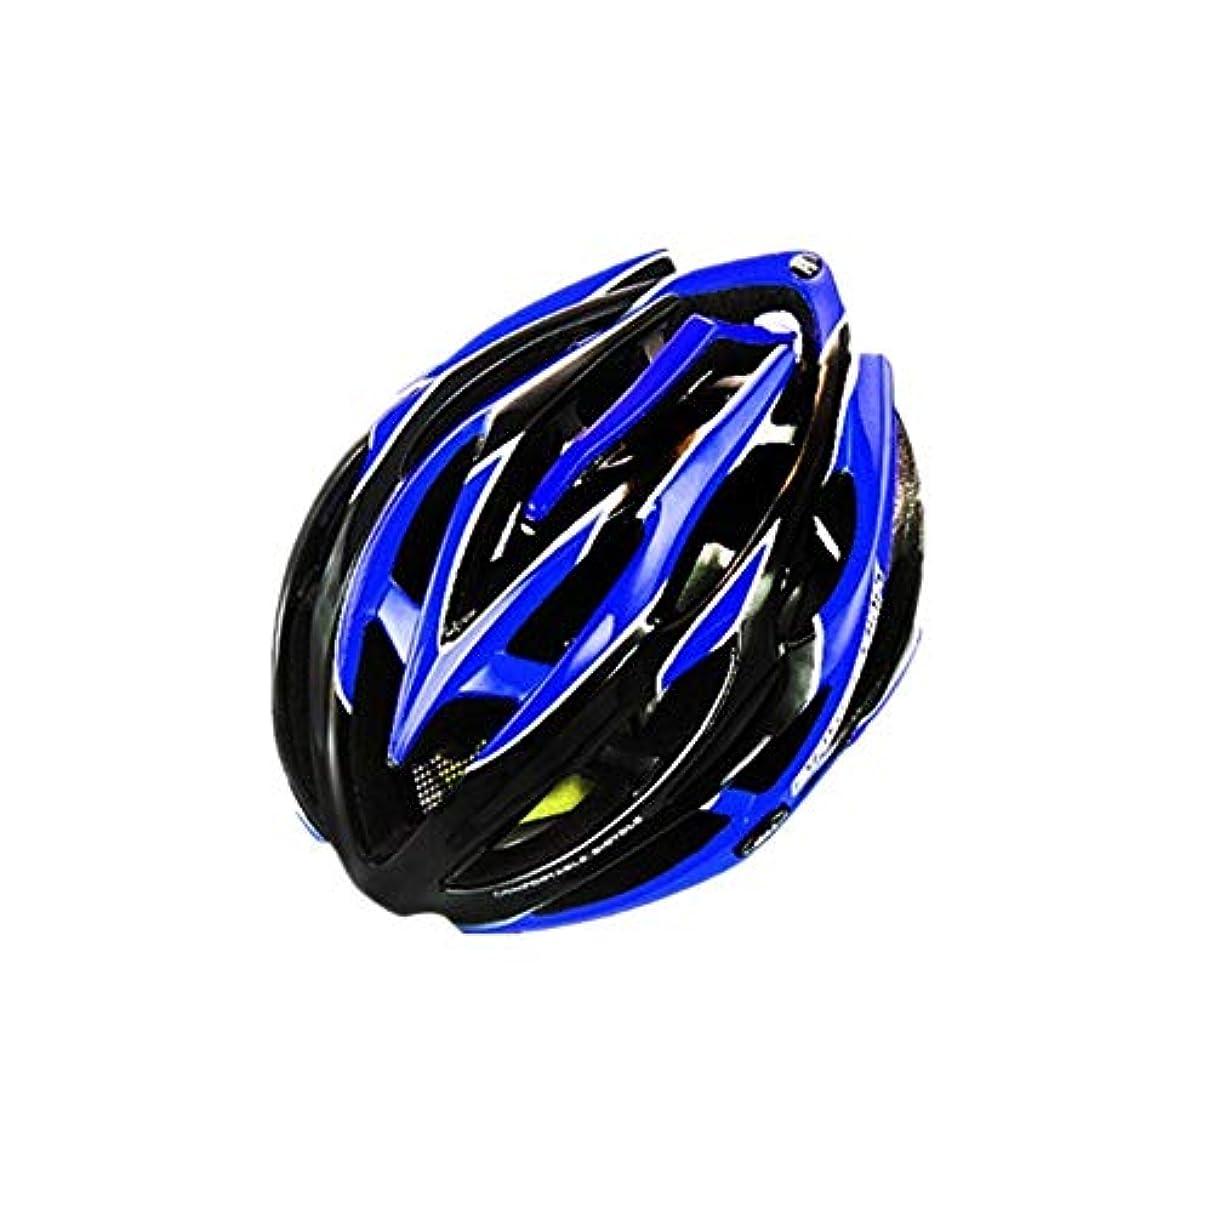 堀リラックス野菜Okiiting ファッション安全ヘルメット自転車ヘルメット超軽量衝撃吸収ライディング衝撃抵抗ウェアラブルヘルメット品質保証 うまく設計された